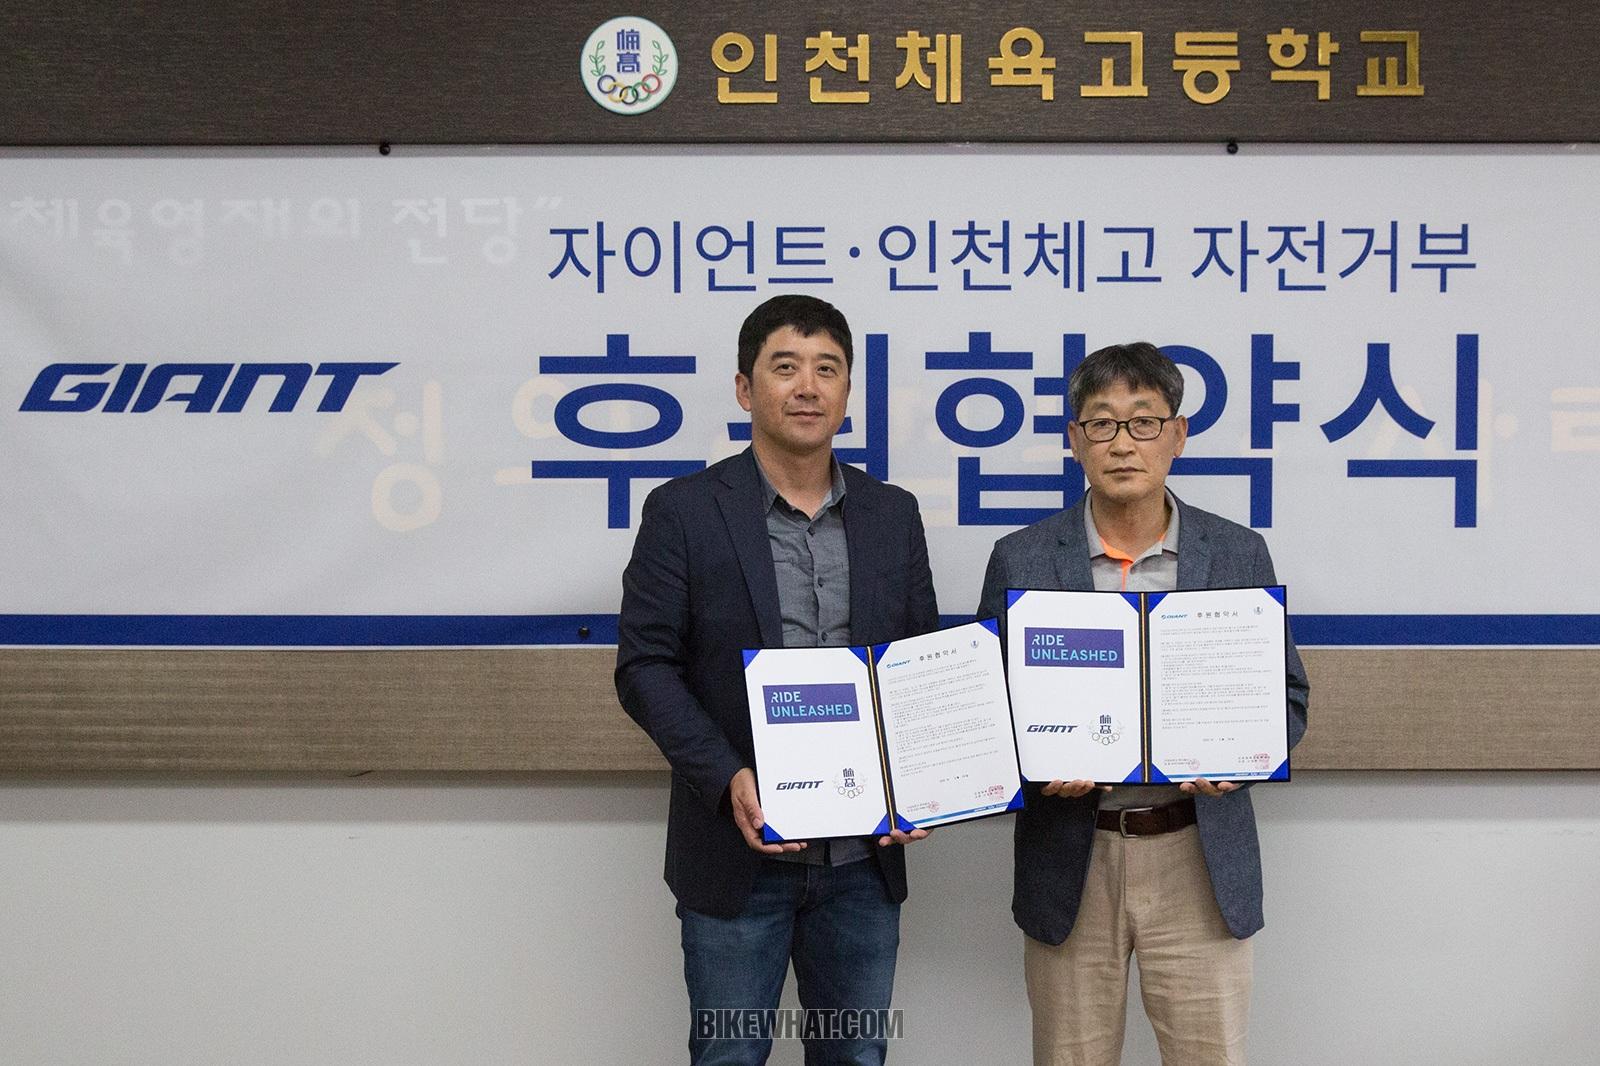 news_Giant_Incheon_2.jpg